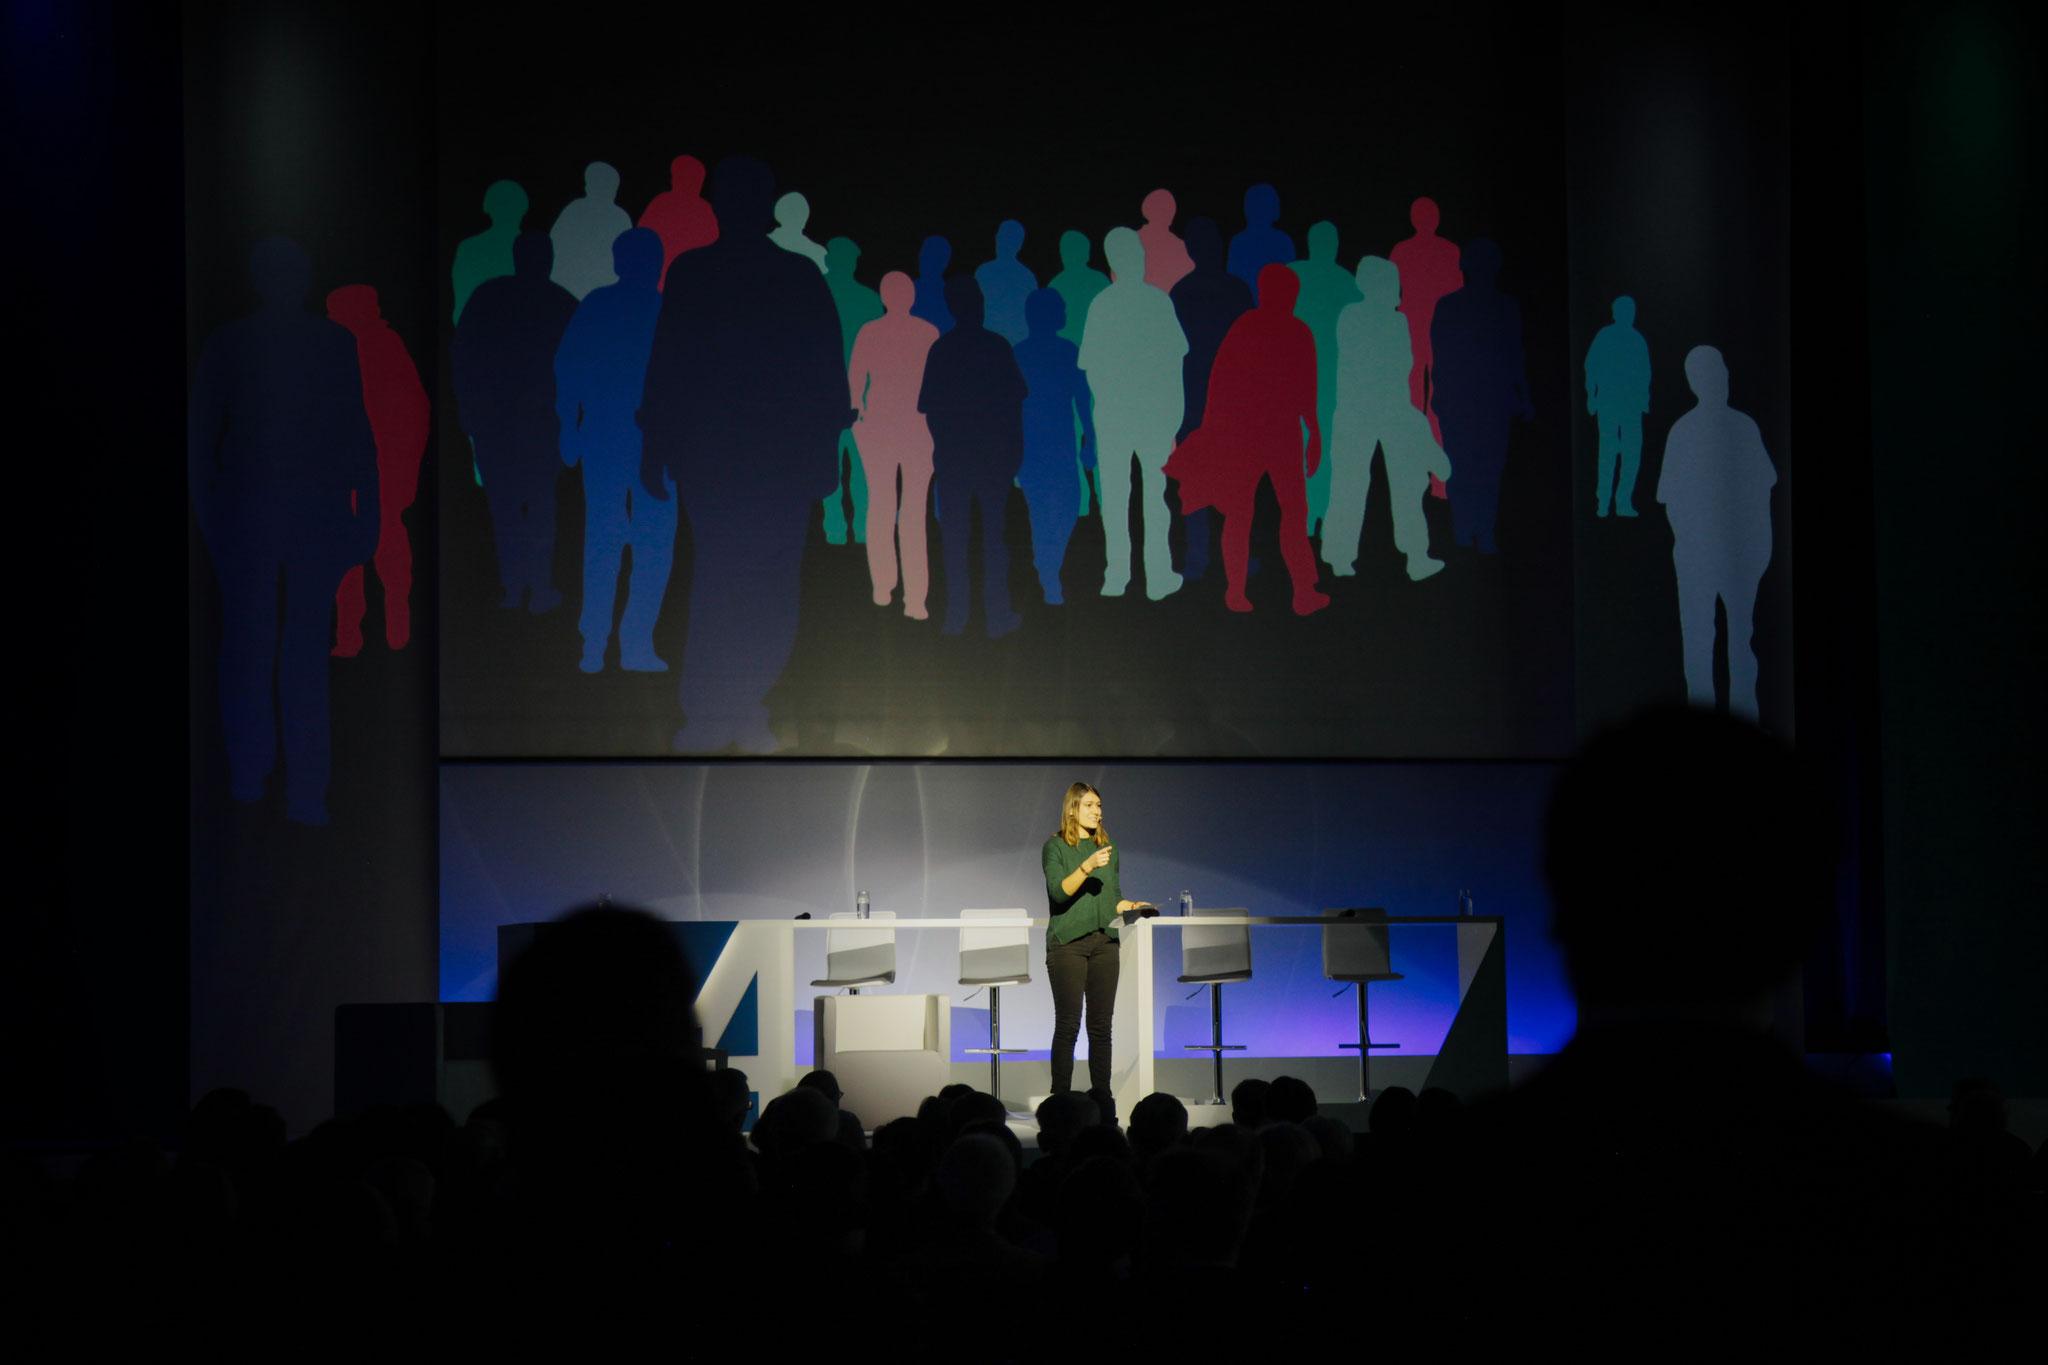 """Erstellung der """"Gesellschaft"""" als Projektion/Animation"""